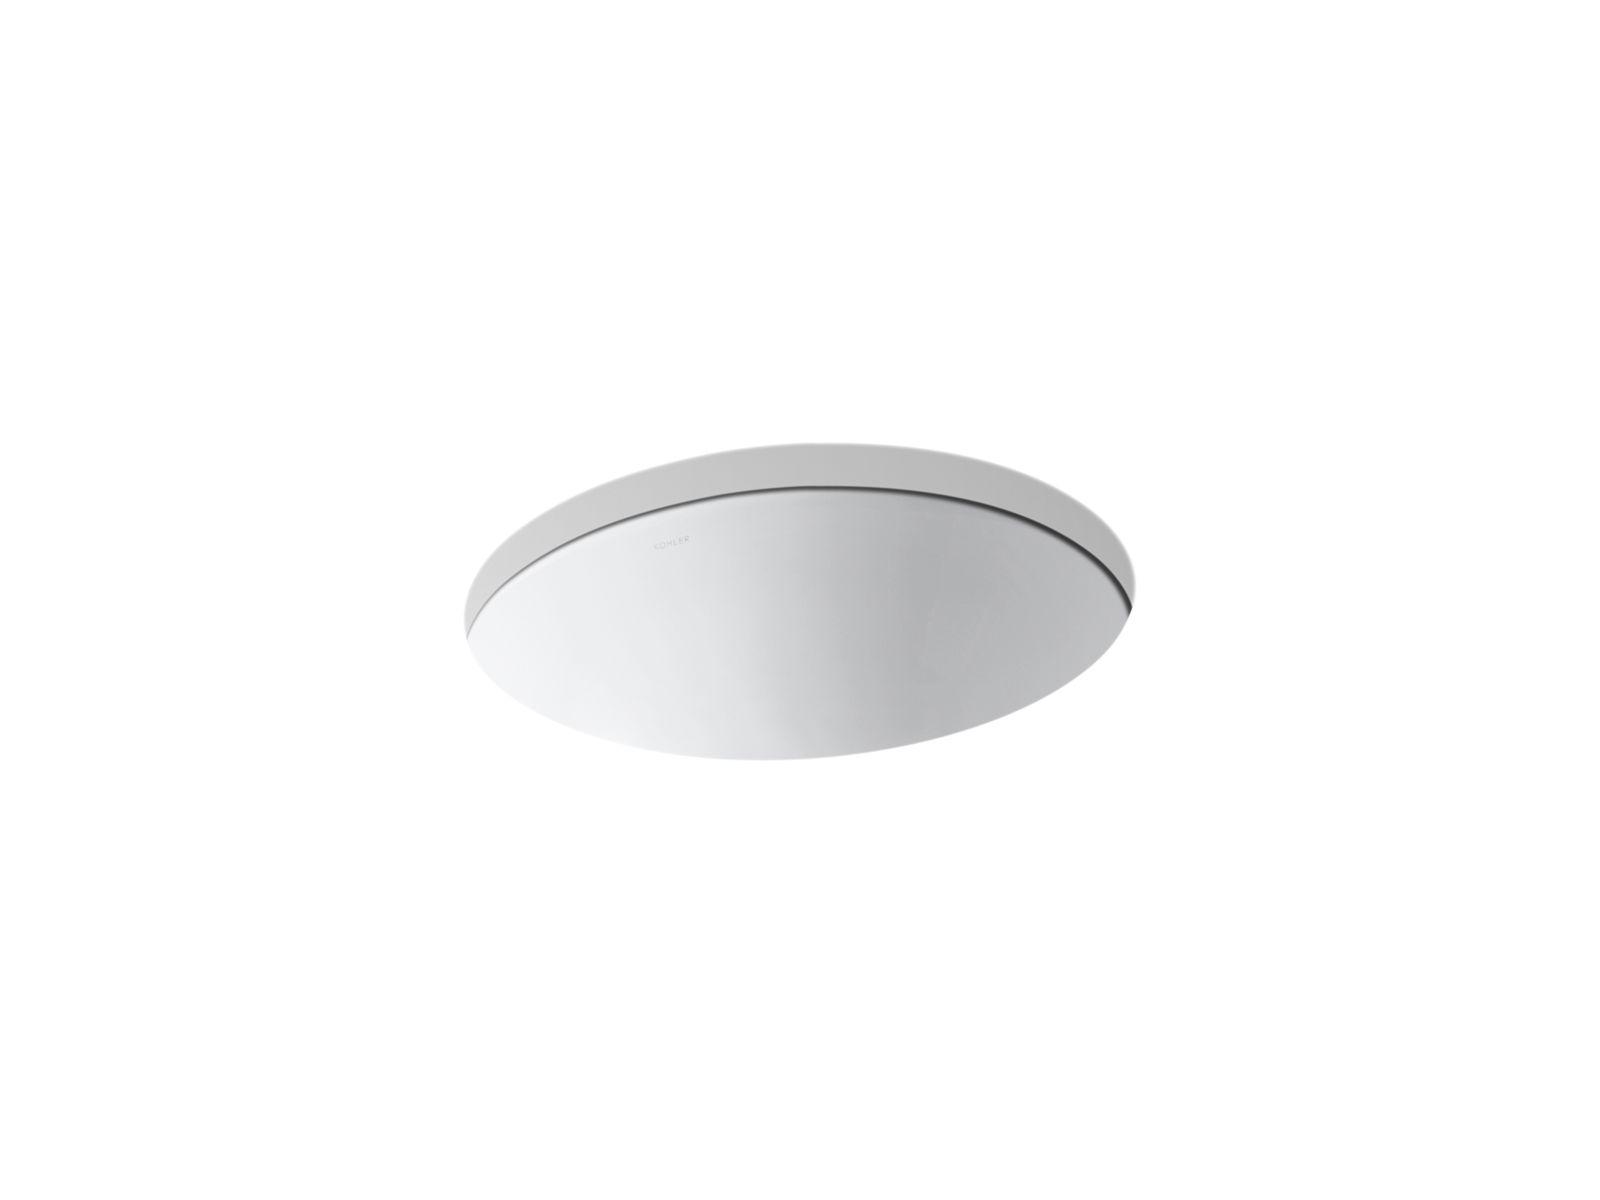 caxton undermount sink w centered drain k 2205 kohler kohler